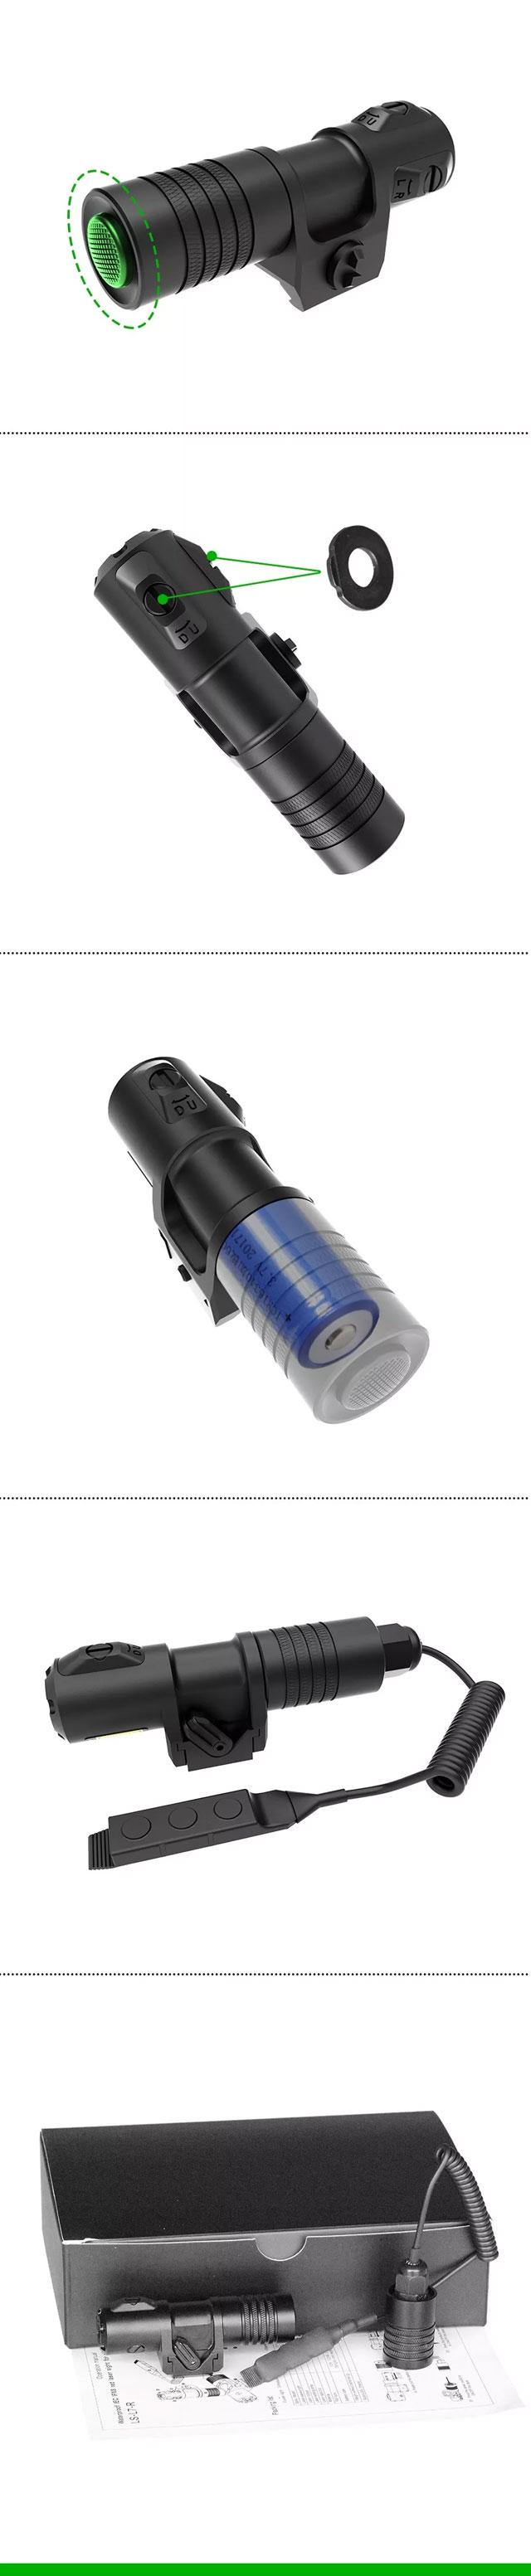 步枪功率可调激光瞄准器-大黄蜂(组图)